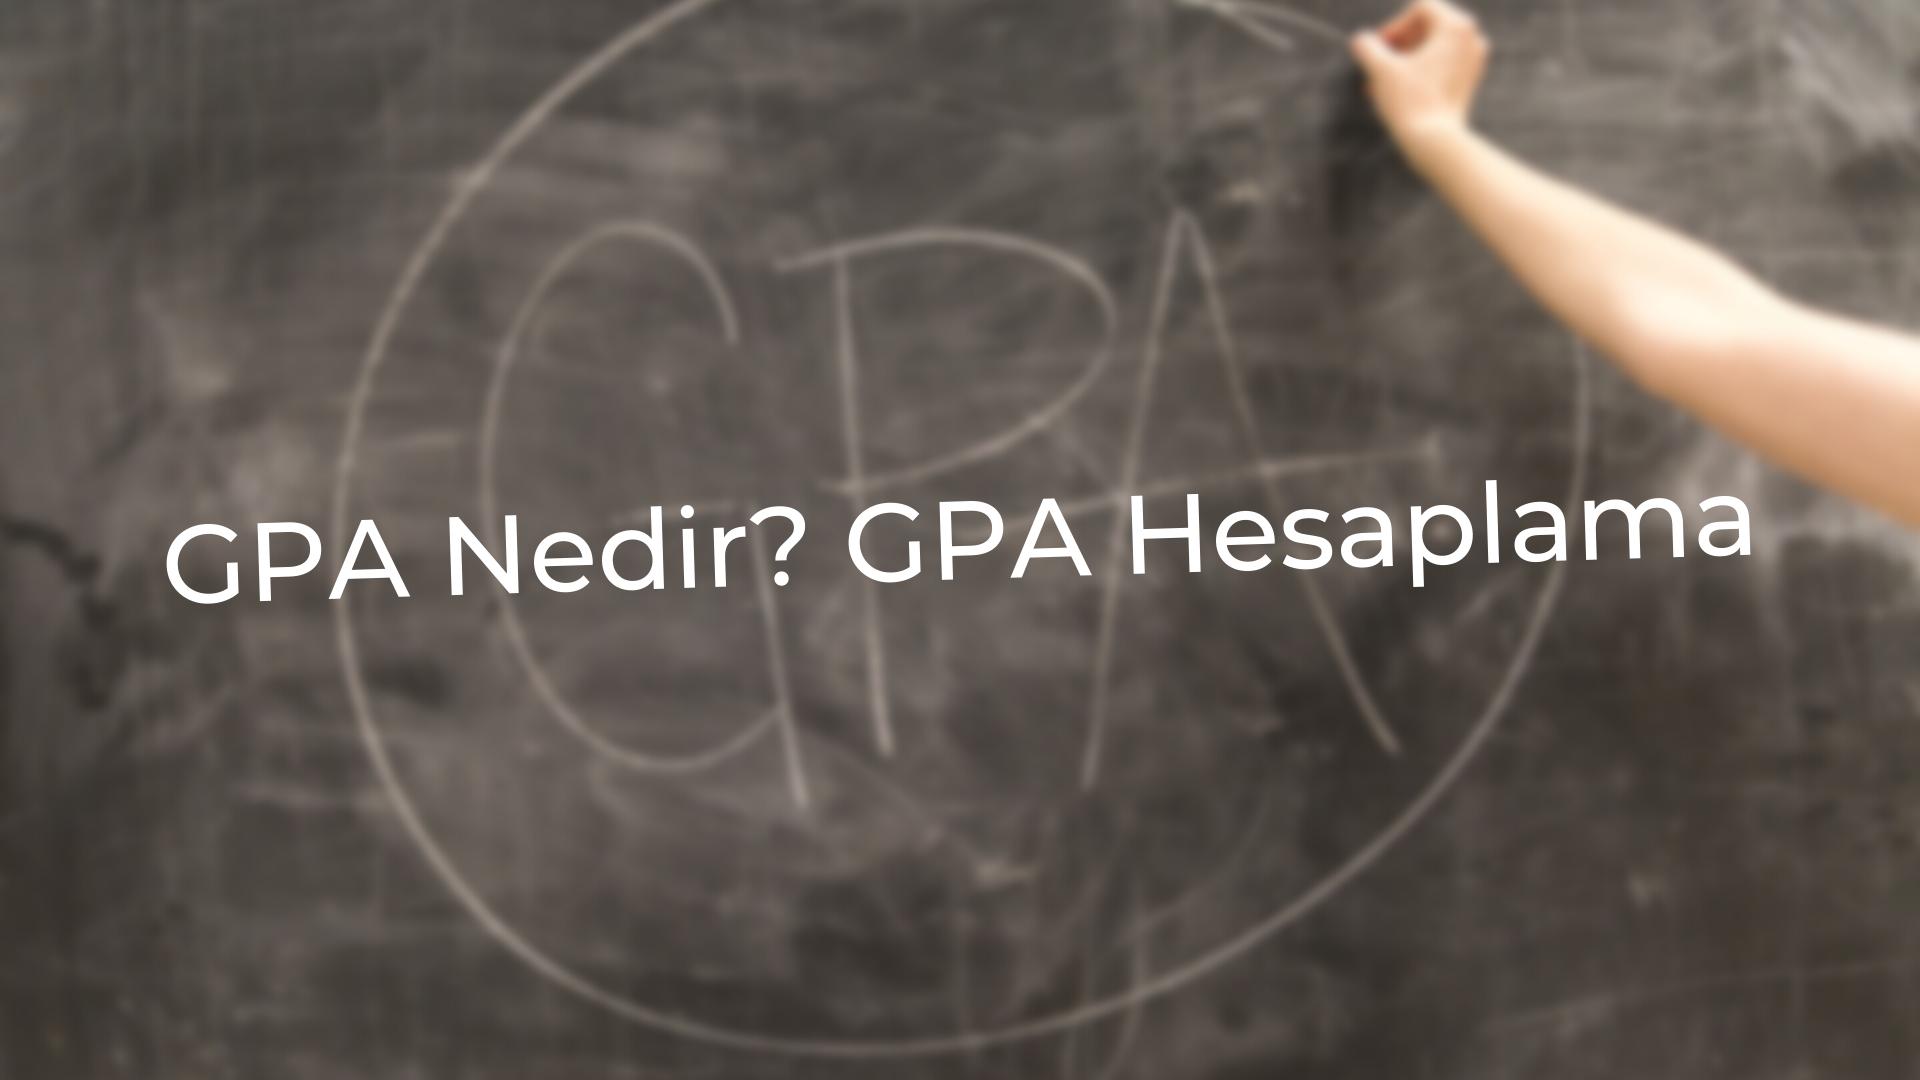 GPA nedir nasıl hesaplanır